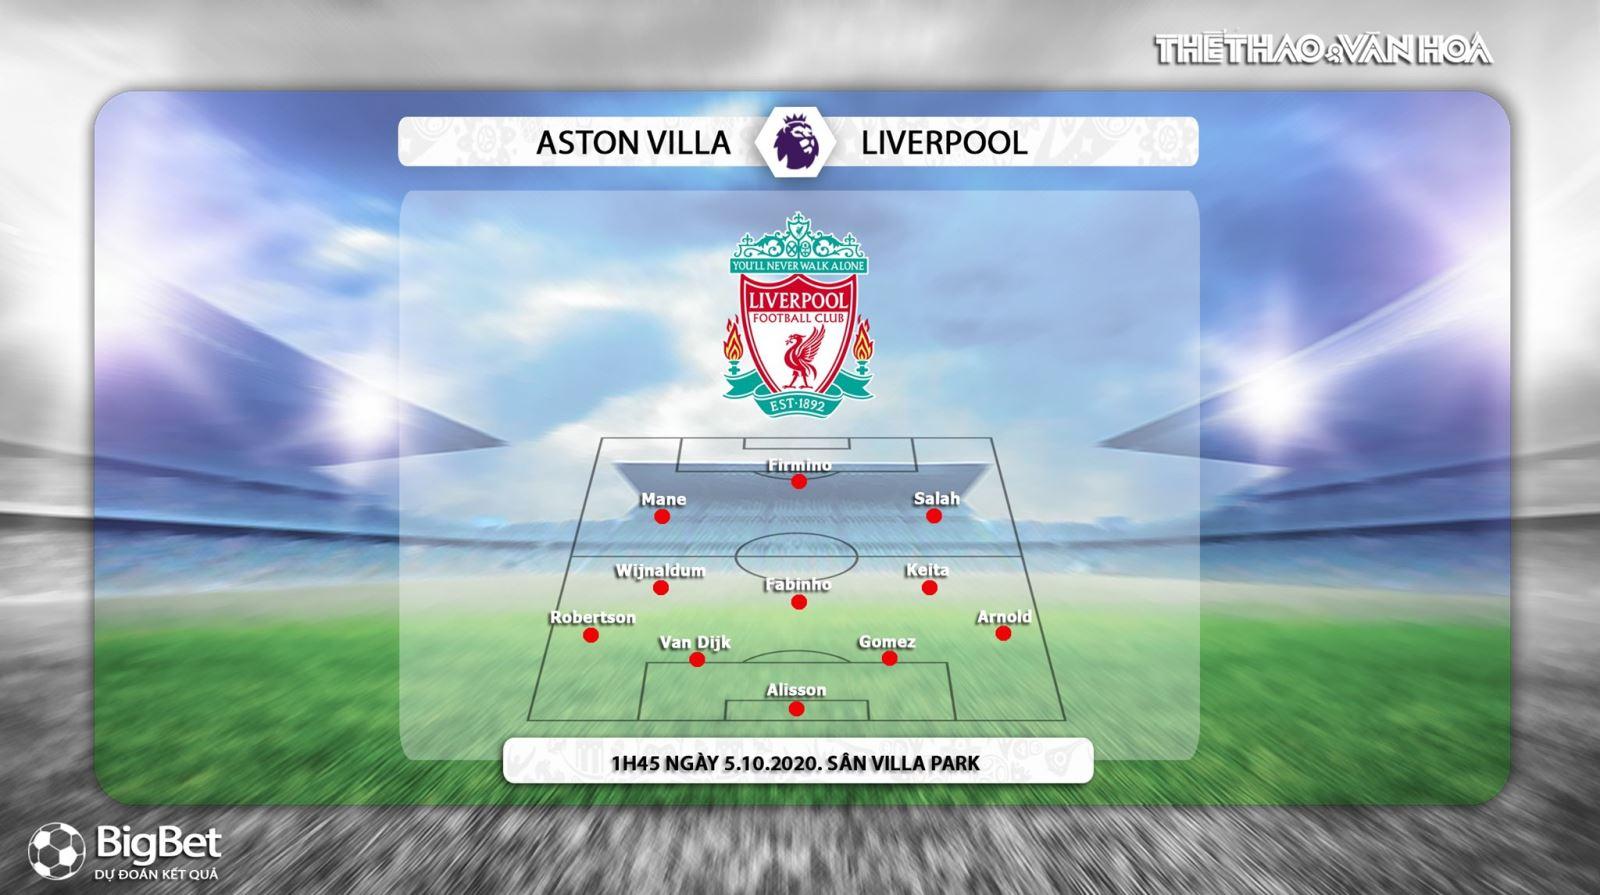 Keo nha cai, kèo nhà cái, Aston Villa vs Liverpool, Trực tiếp bóng đá, Vòng 4 Ngoại hạng Anh, Trực tiếp K+PM, Soi kèo Liverpool đấu với Aston Villa, Kèo Liverpool